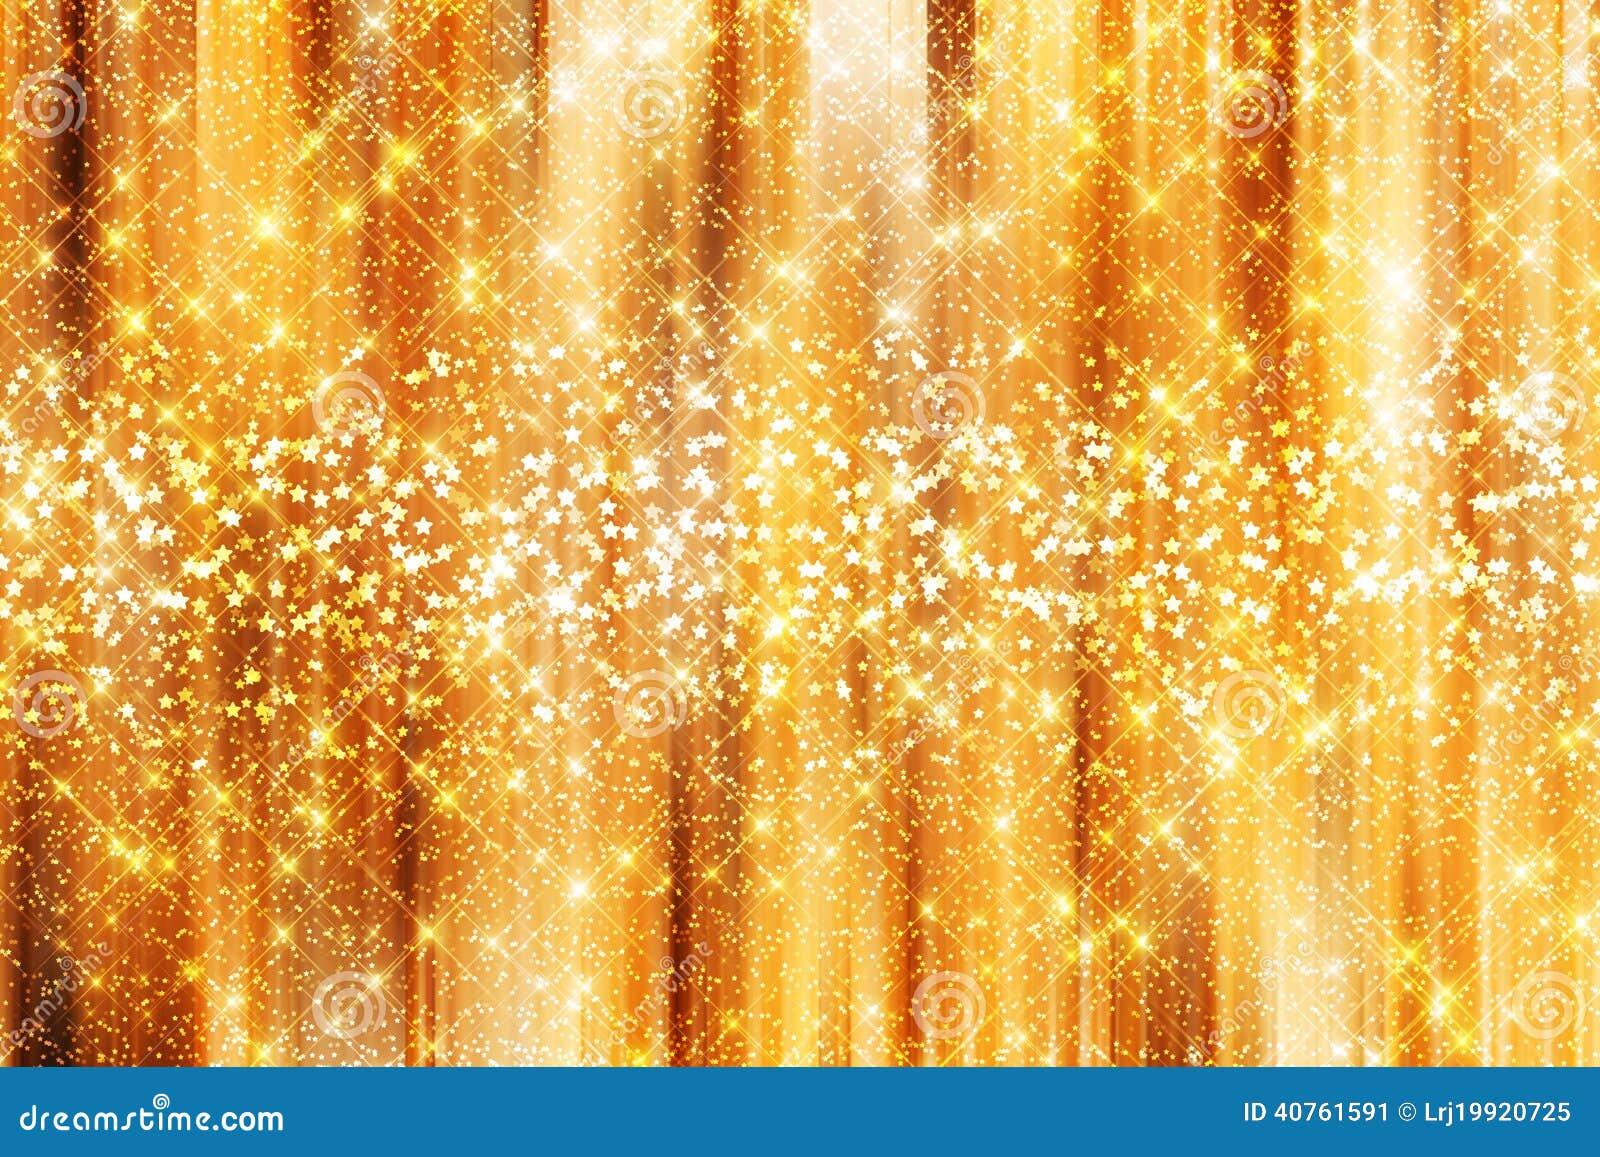 gold sparkle background stock image  image of celebration